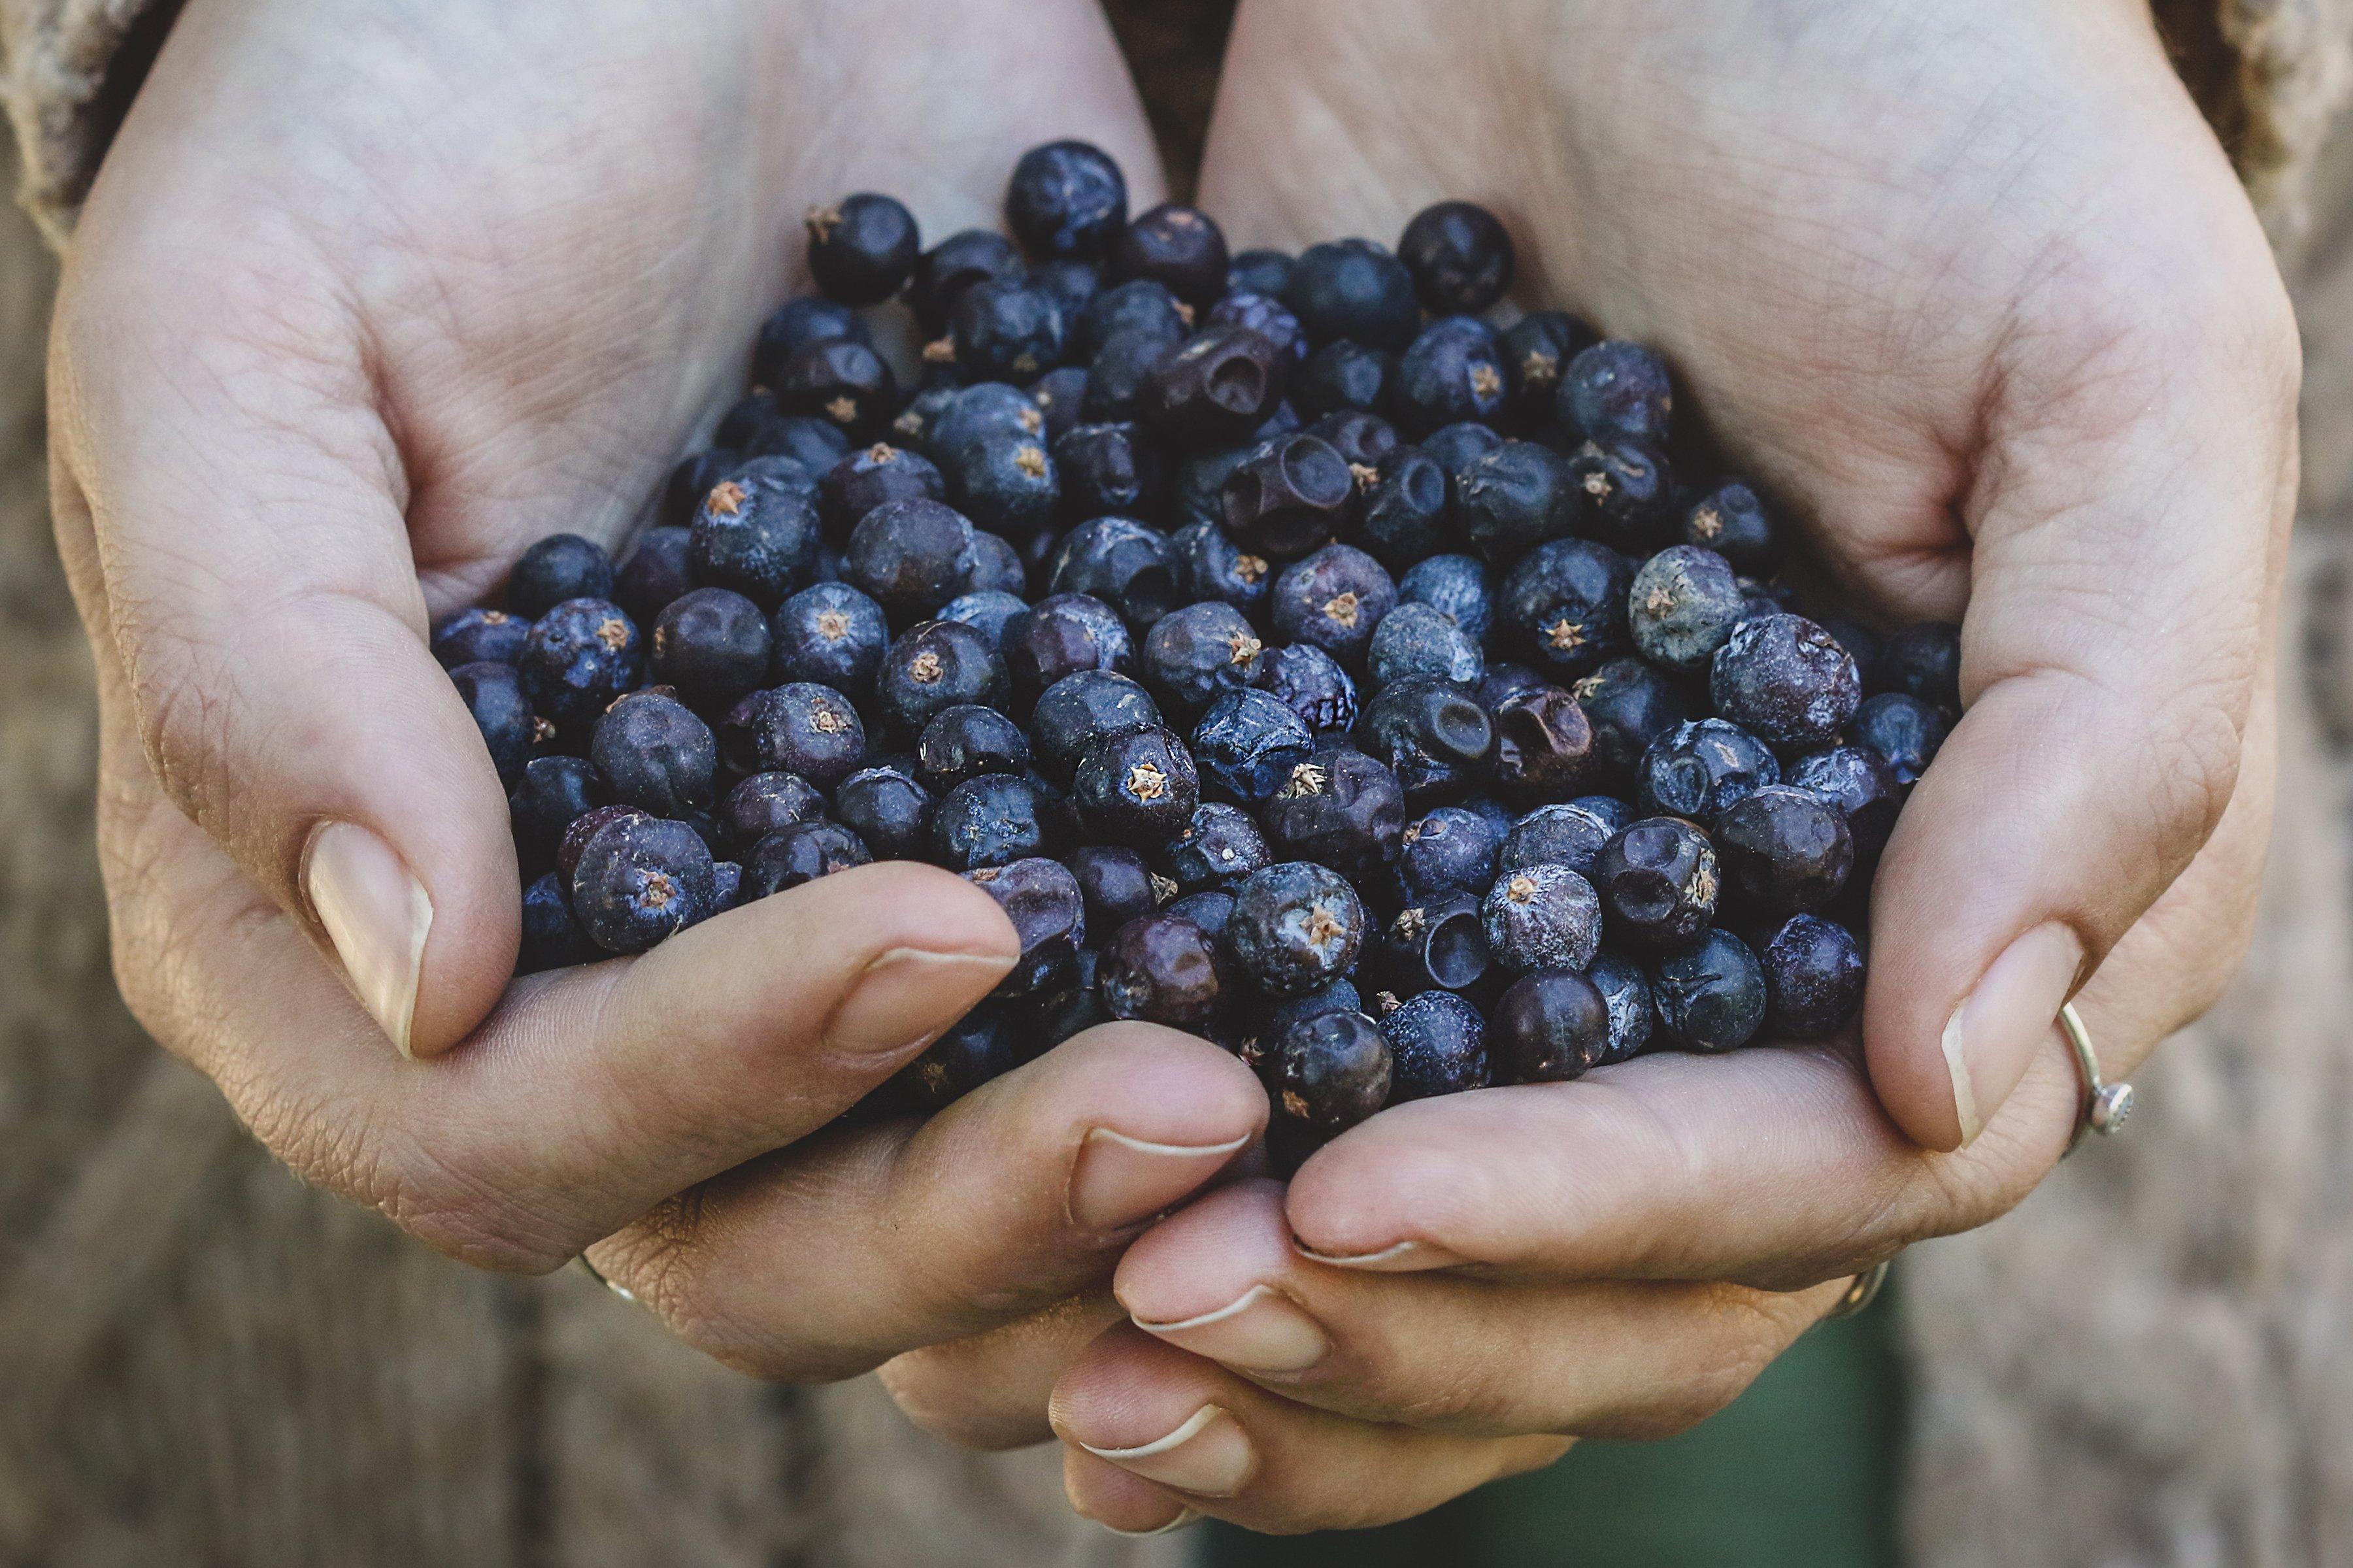 Hands holding juniper berries.